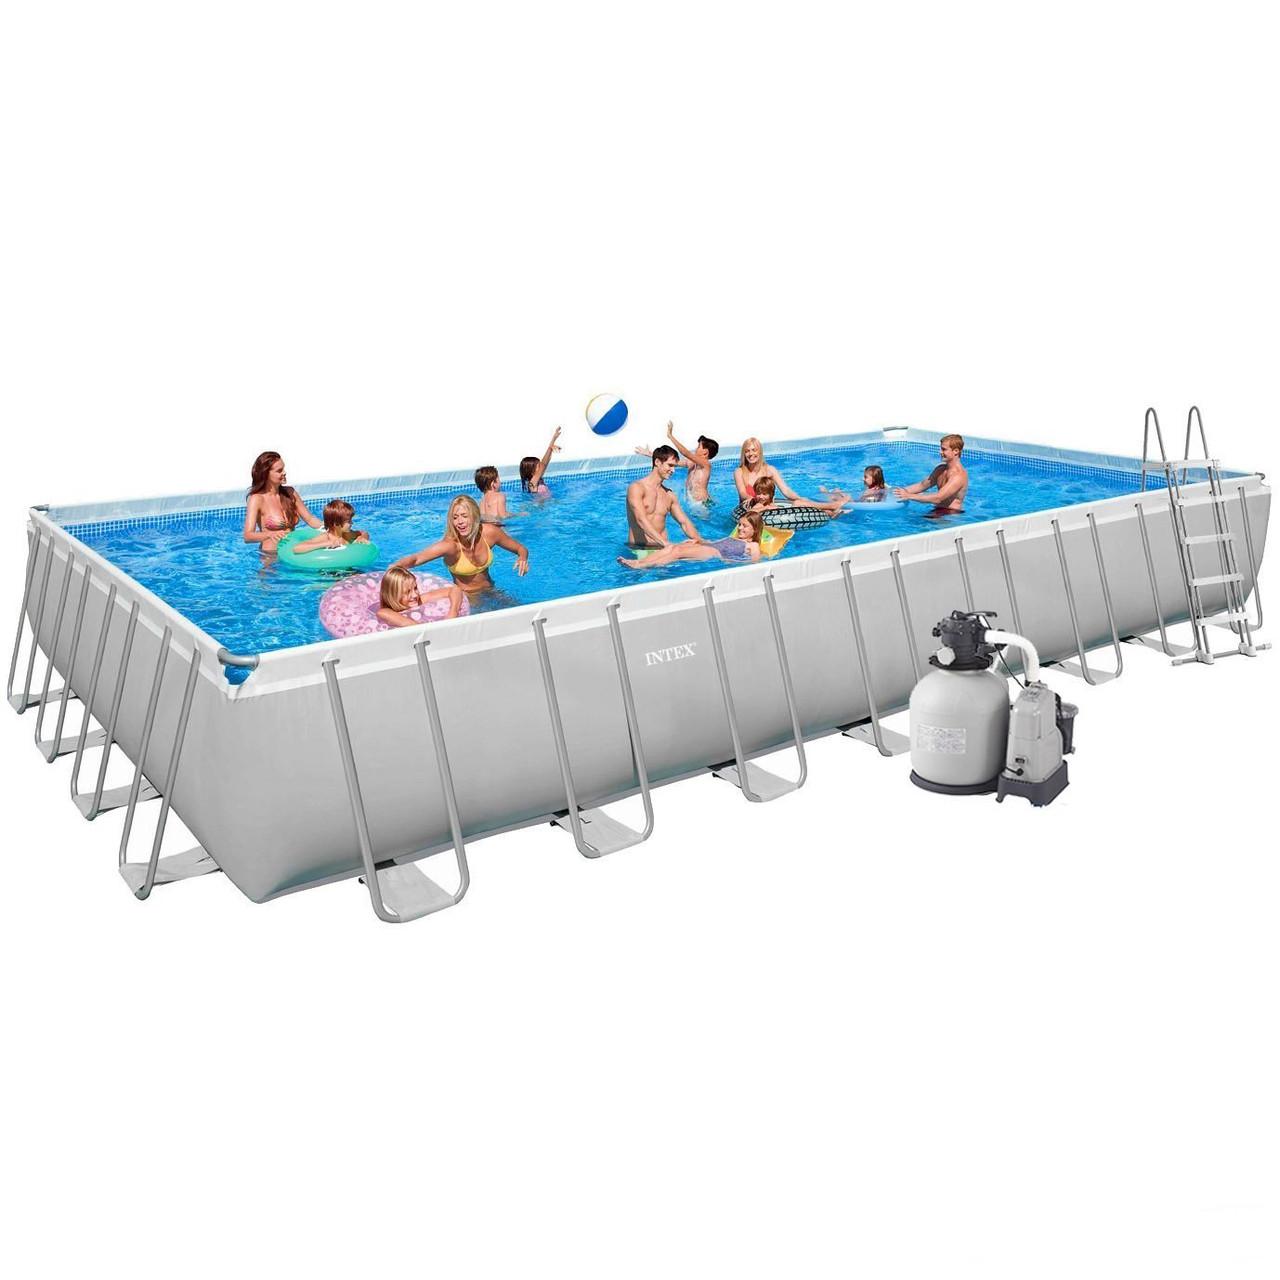 Каркасний басейн Intex Ultra Frame Rectangular Pool 975х488х132 см Басейн прямоуголь